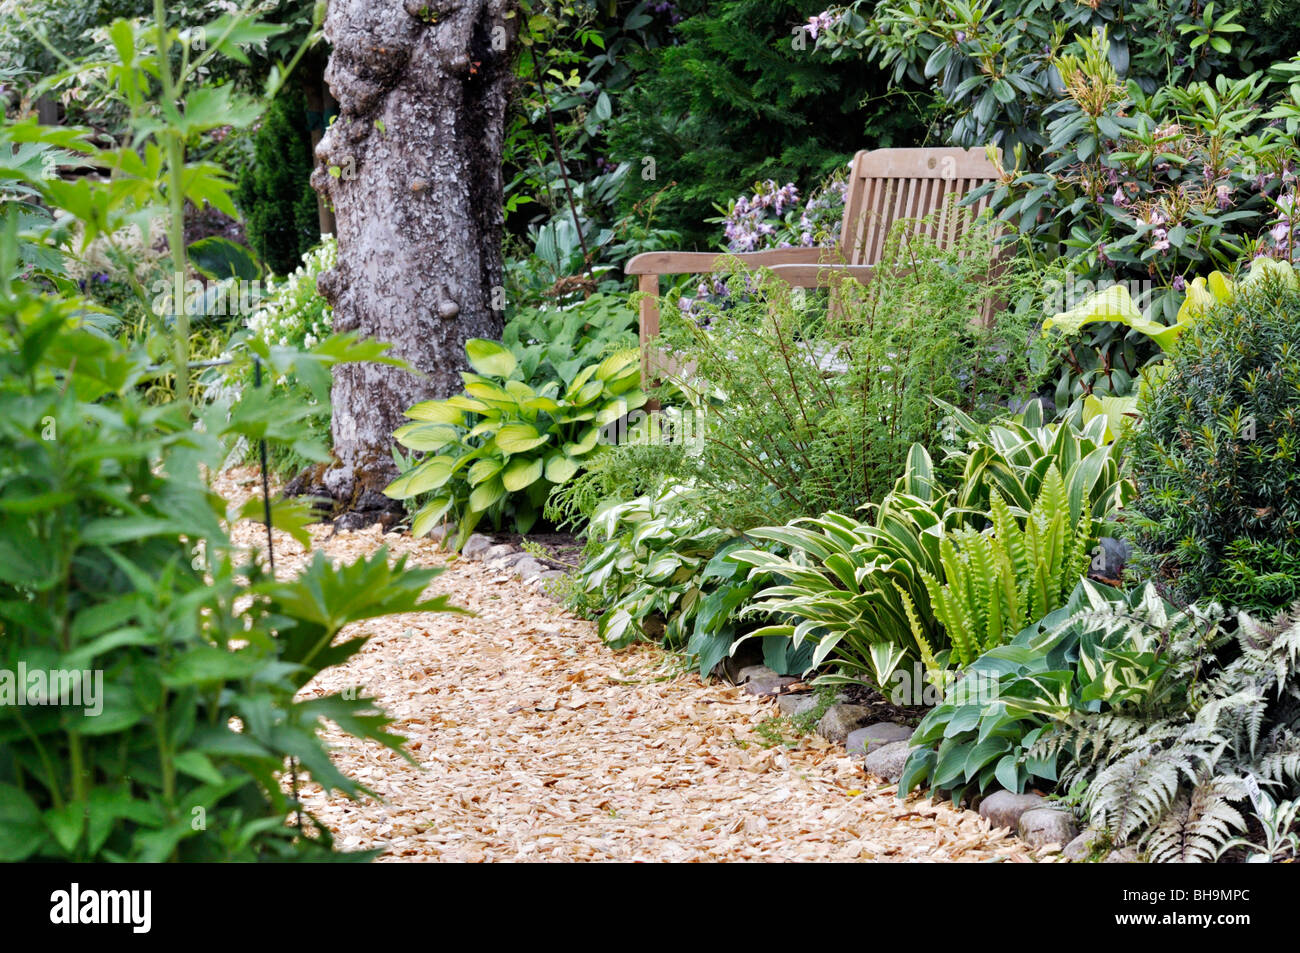 Garden Hostas Stock Photos & Garden Hostas Stock Images - Alamy on hosta and daylily garden, hosta and caladium garden, hosta garden plans blueprints, hosta and hydrangea garden,